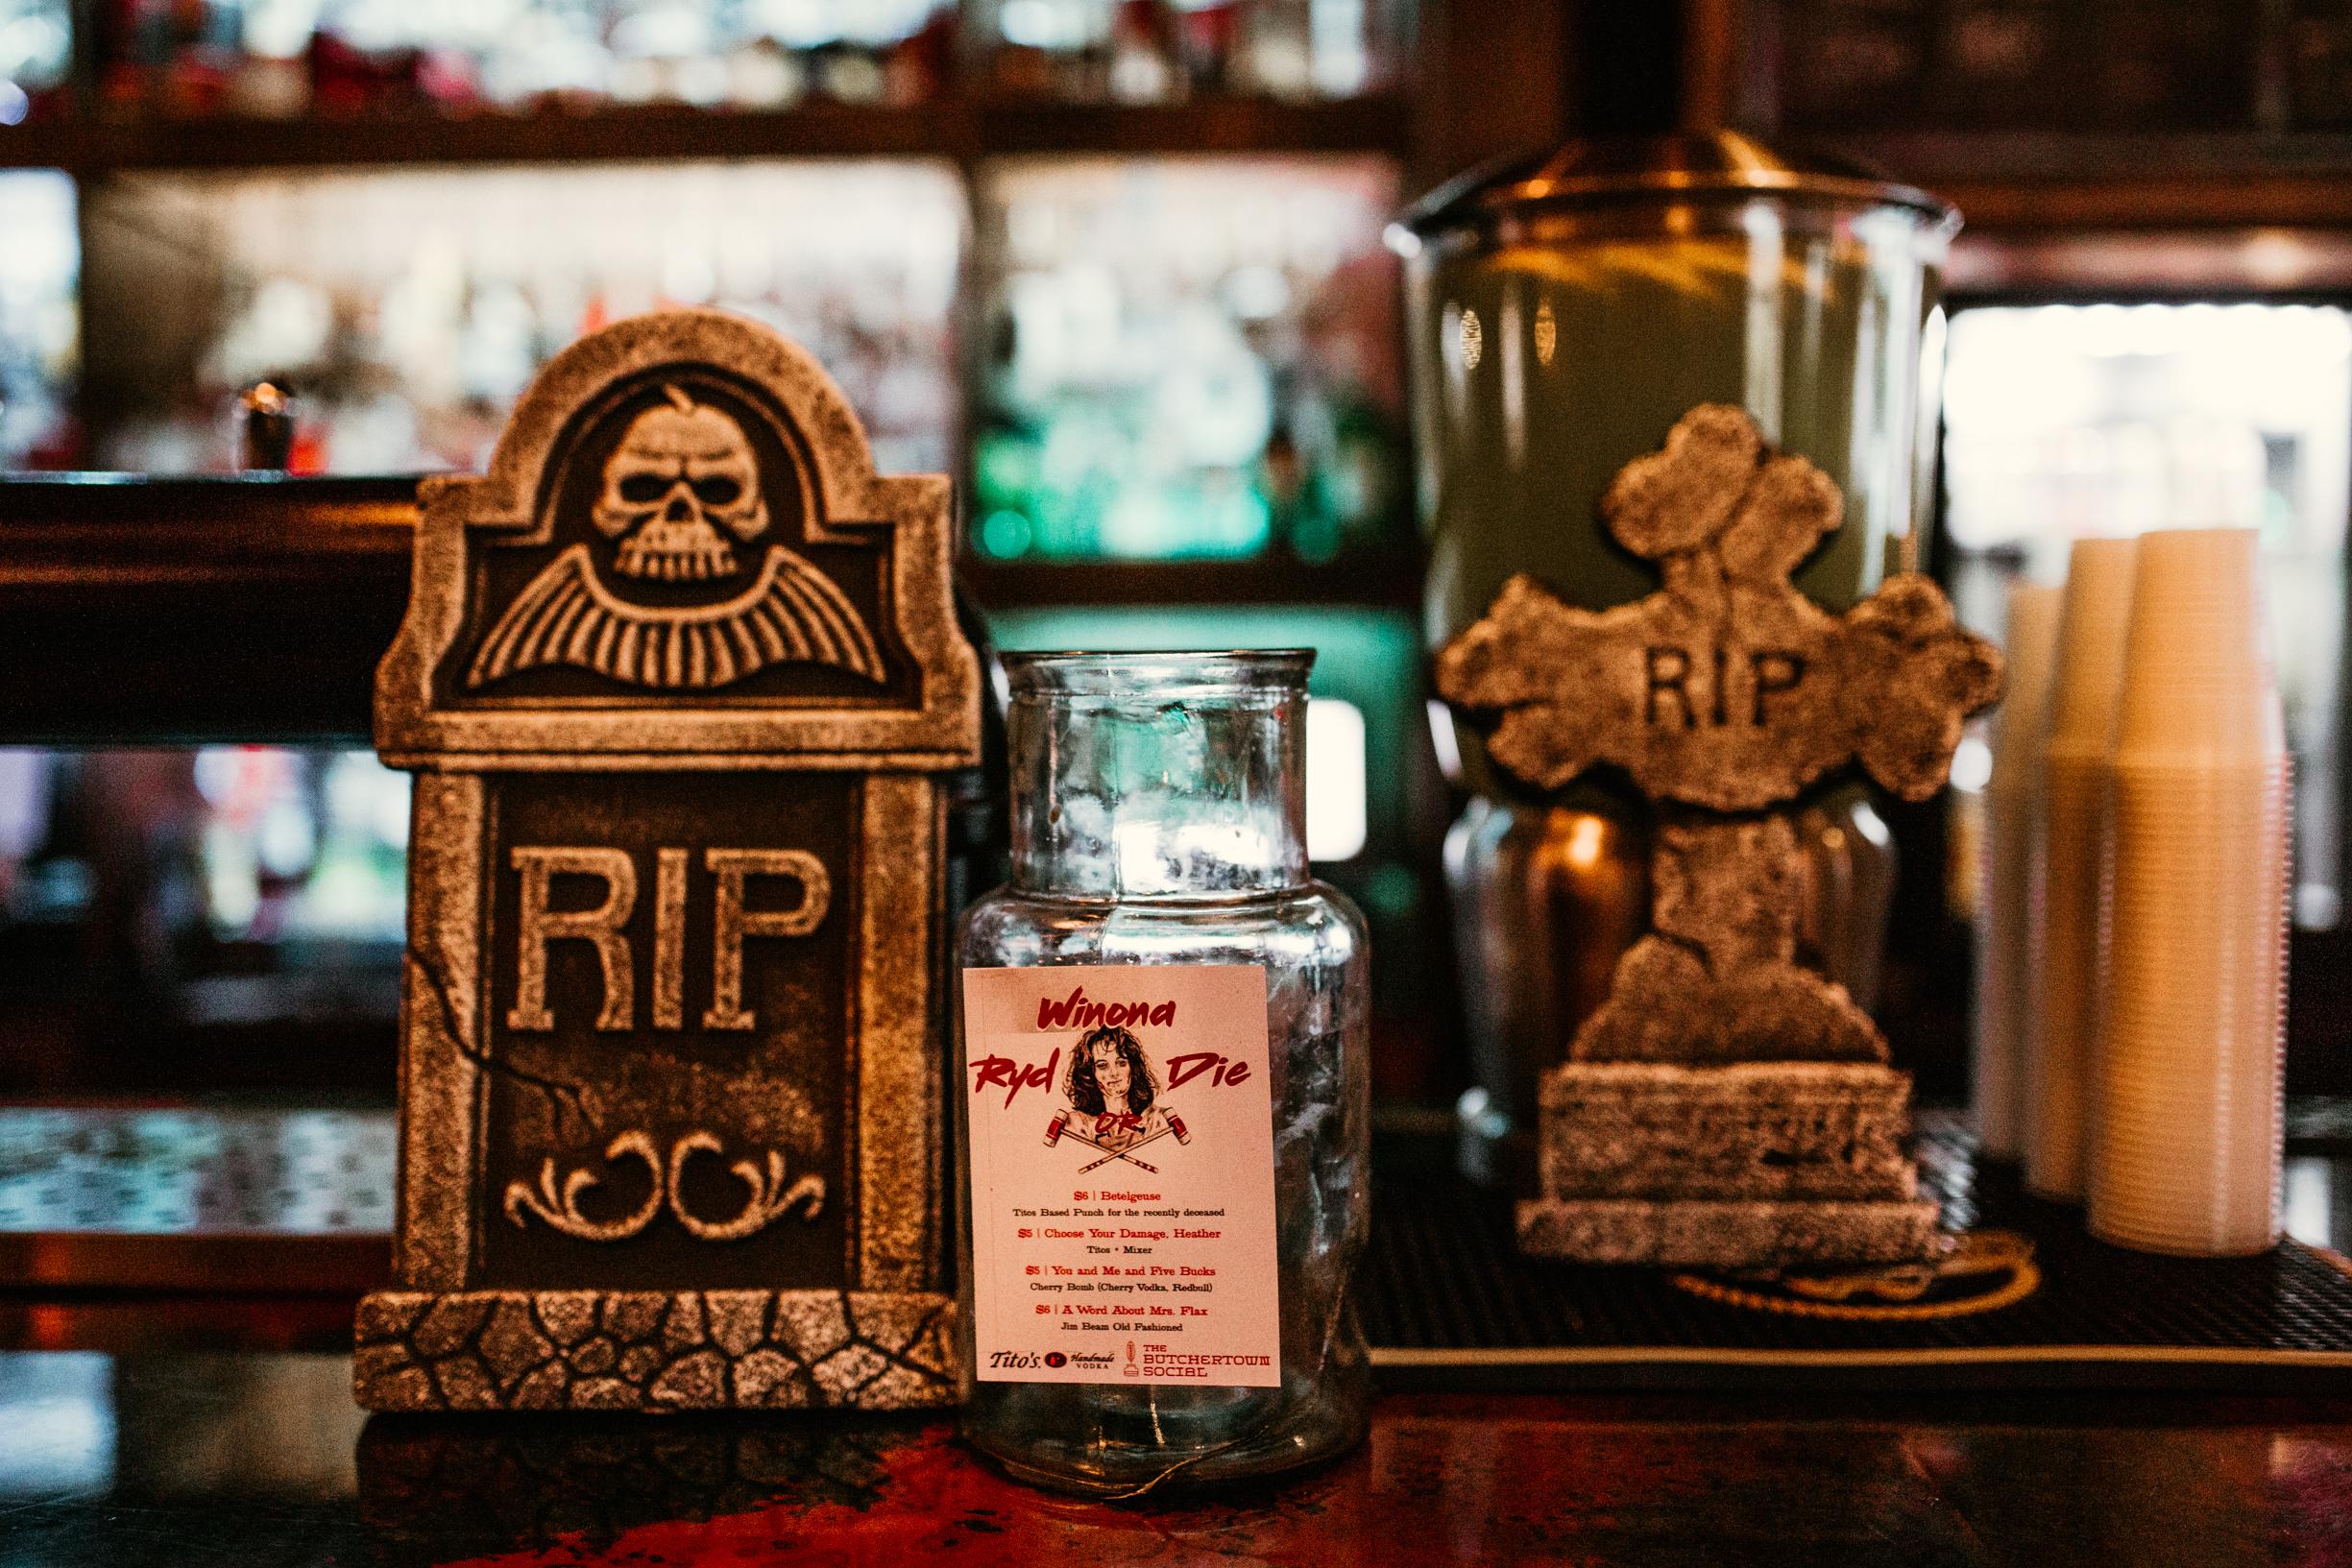 FEVA Winona Ryd or Die 4-14-18 Butchertown Social Crystal Ludwick Photo LOW RES (24 of 163).jpg